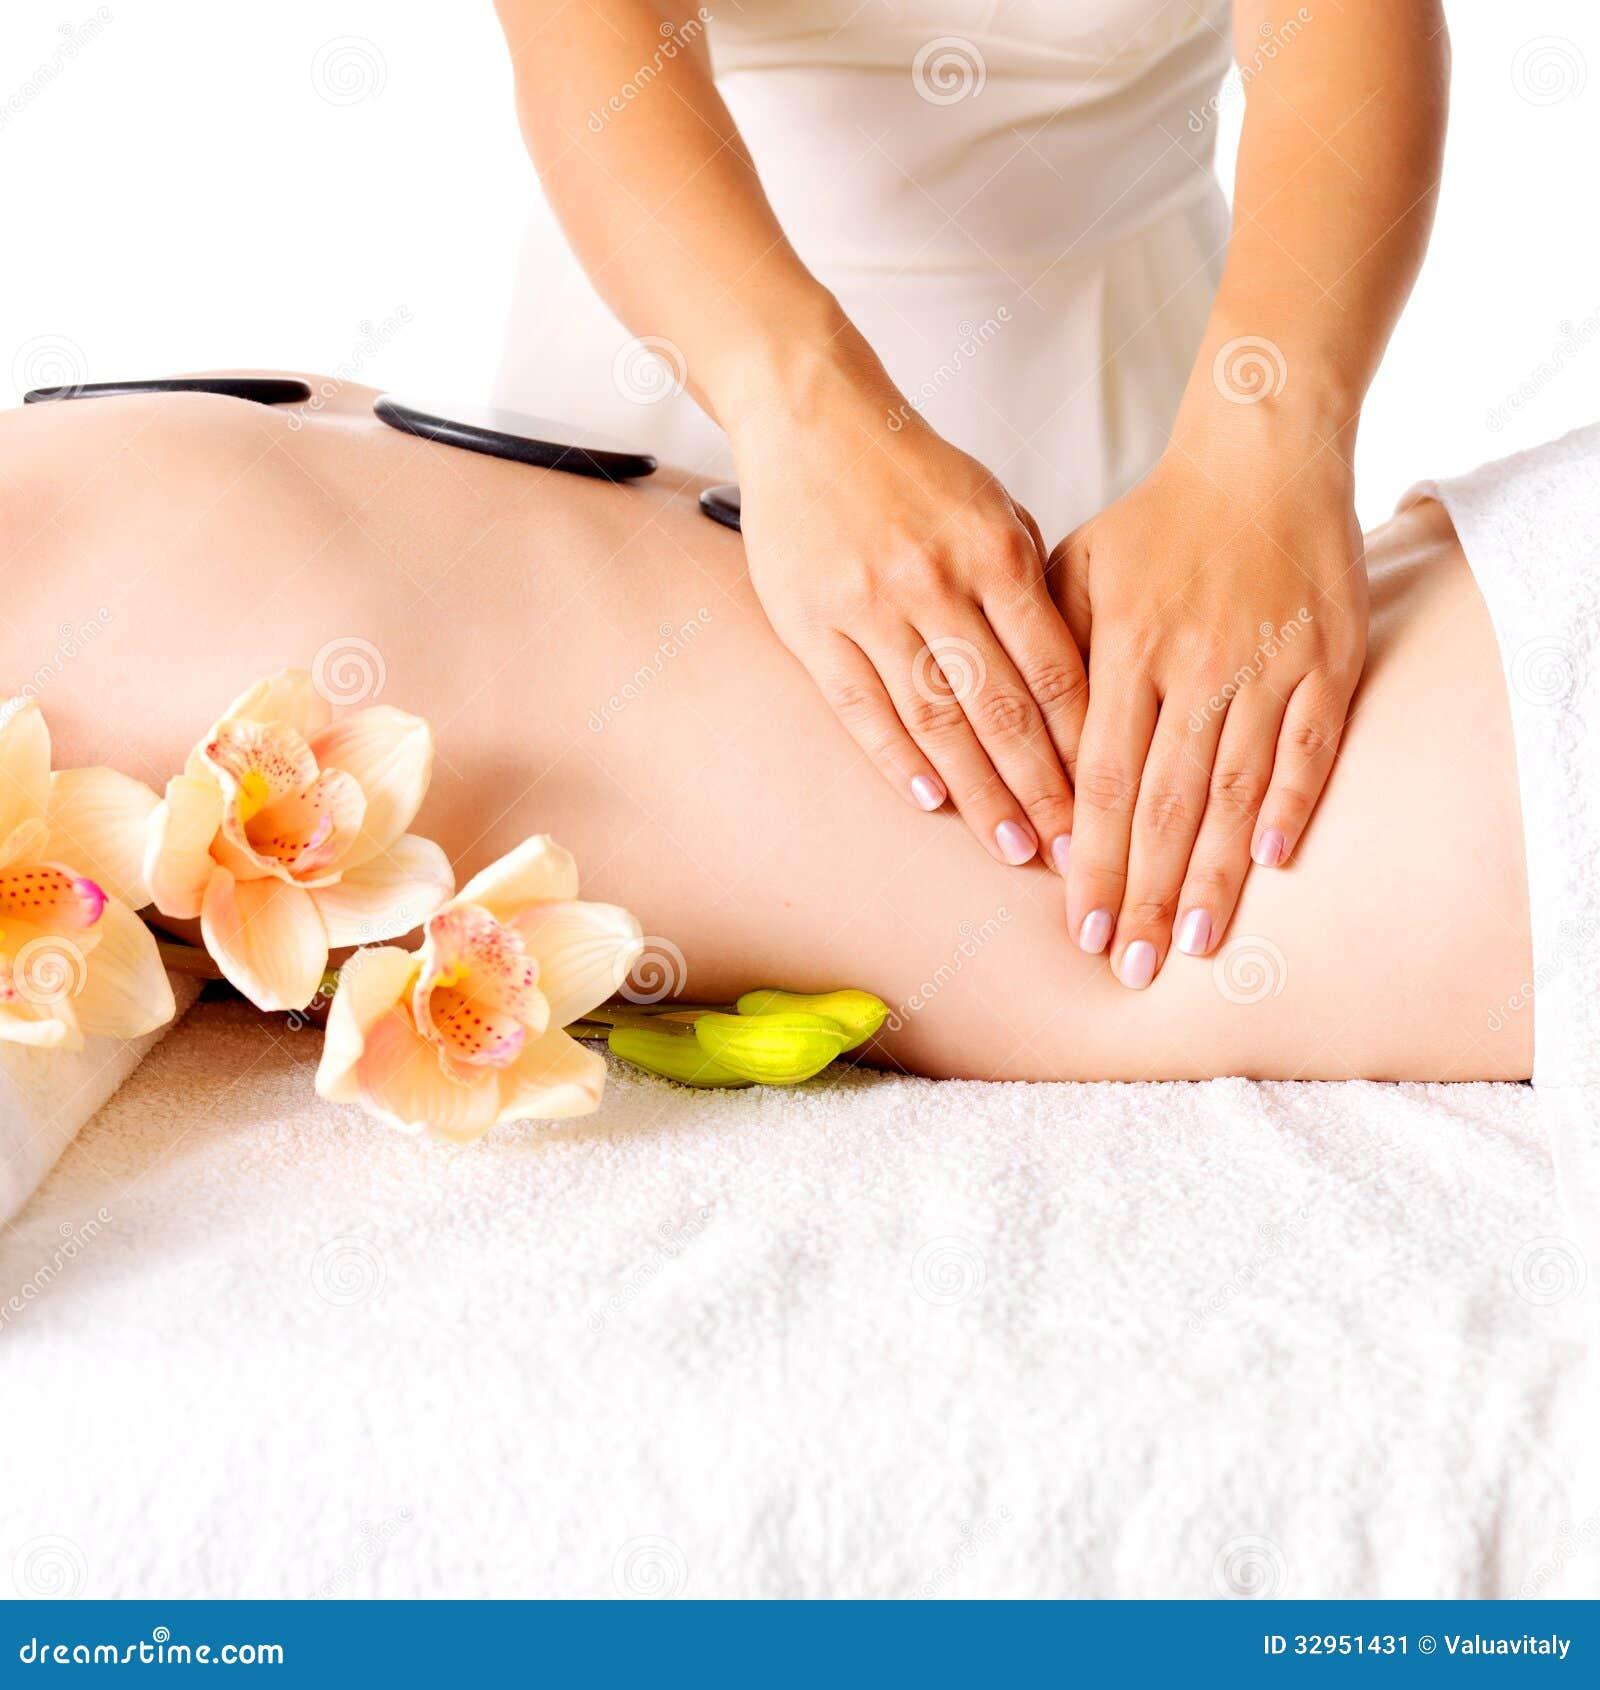 Развлечения взрослых массаж 24 фотография